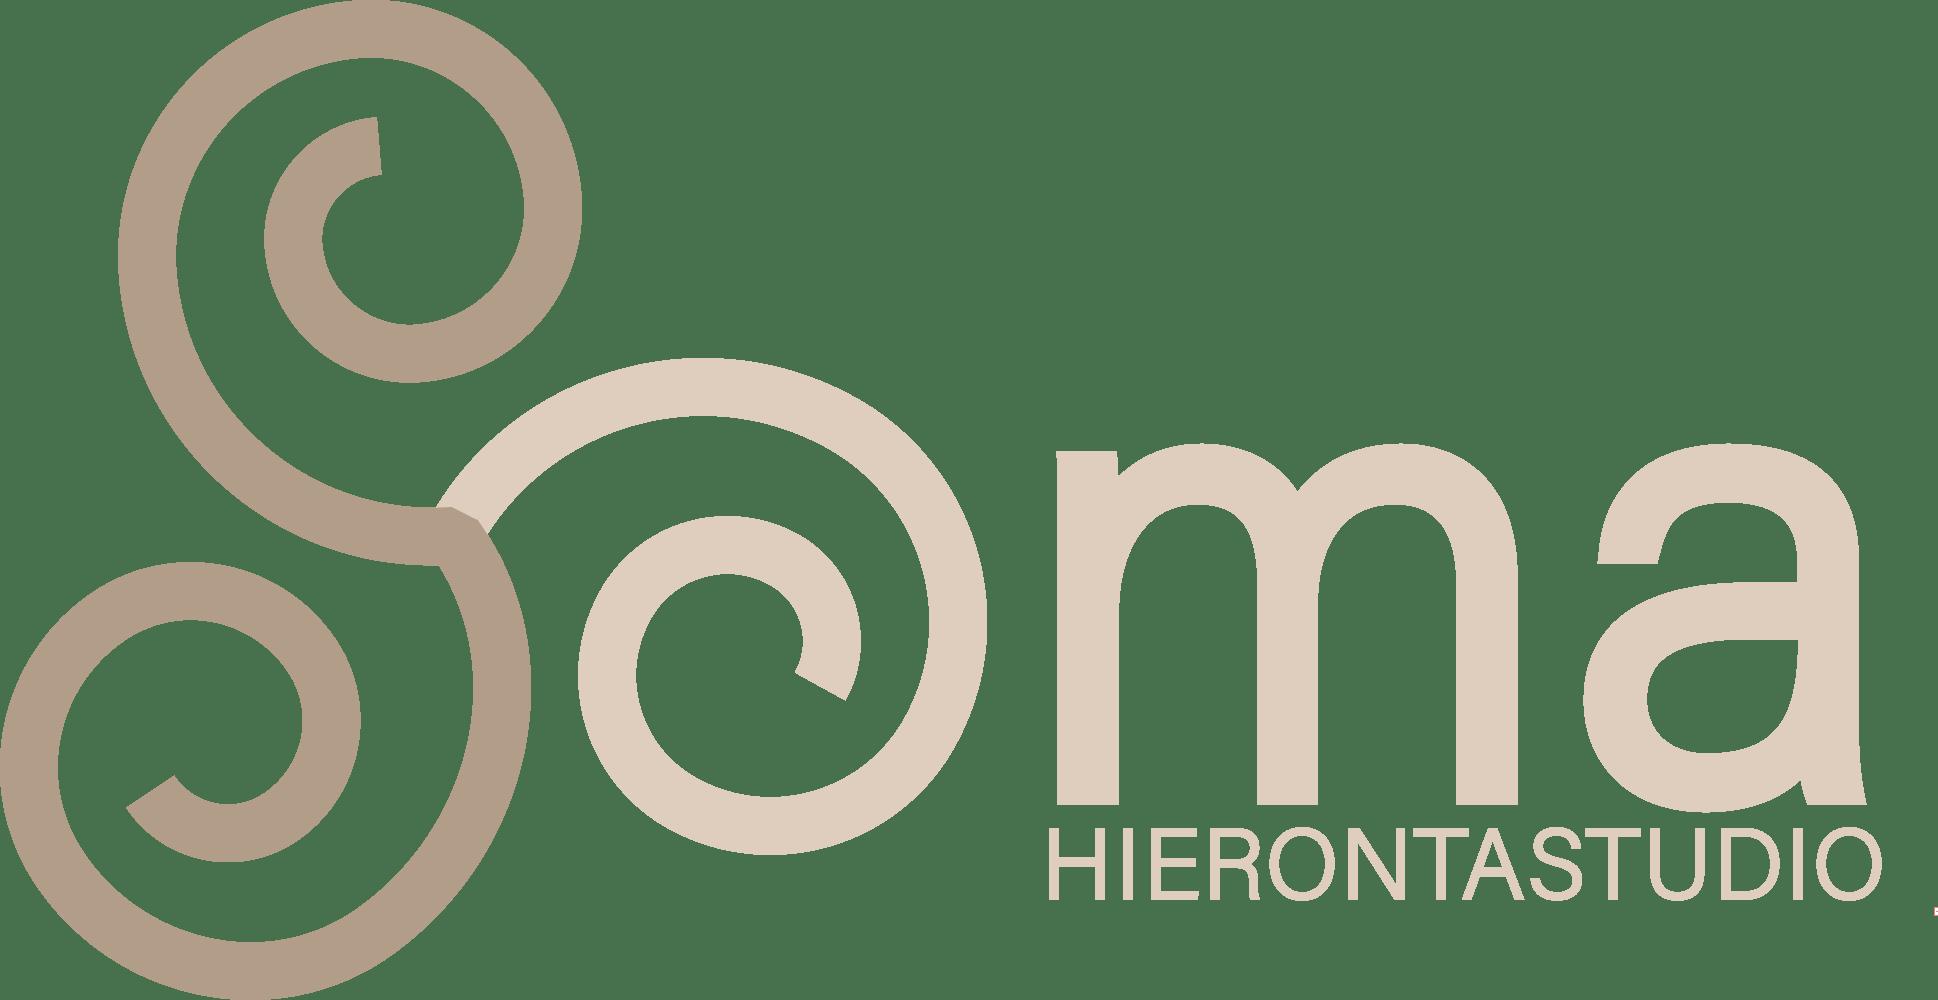 Hierontastudio Soma